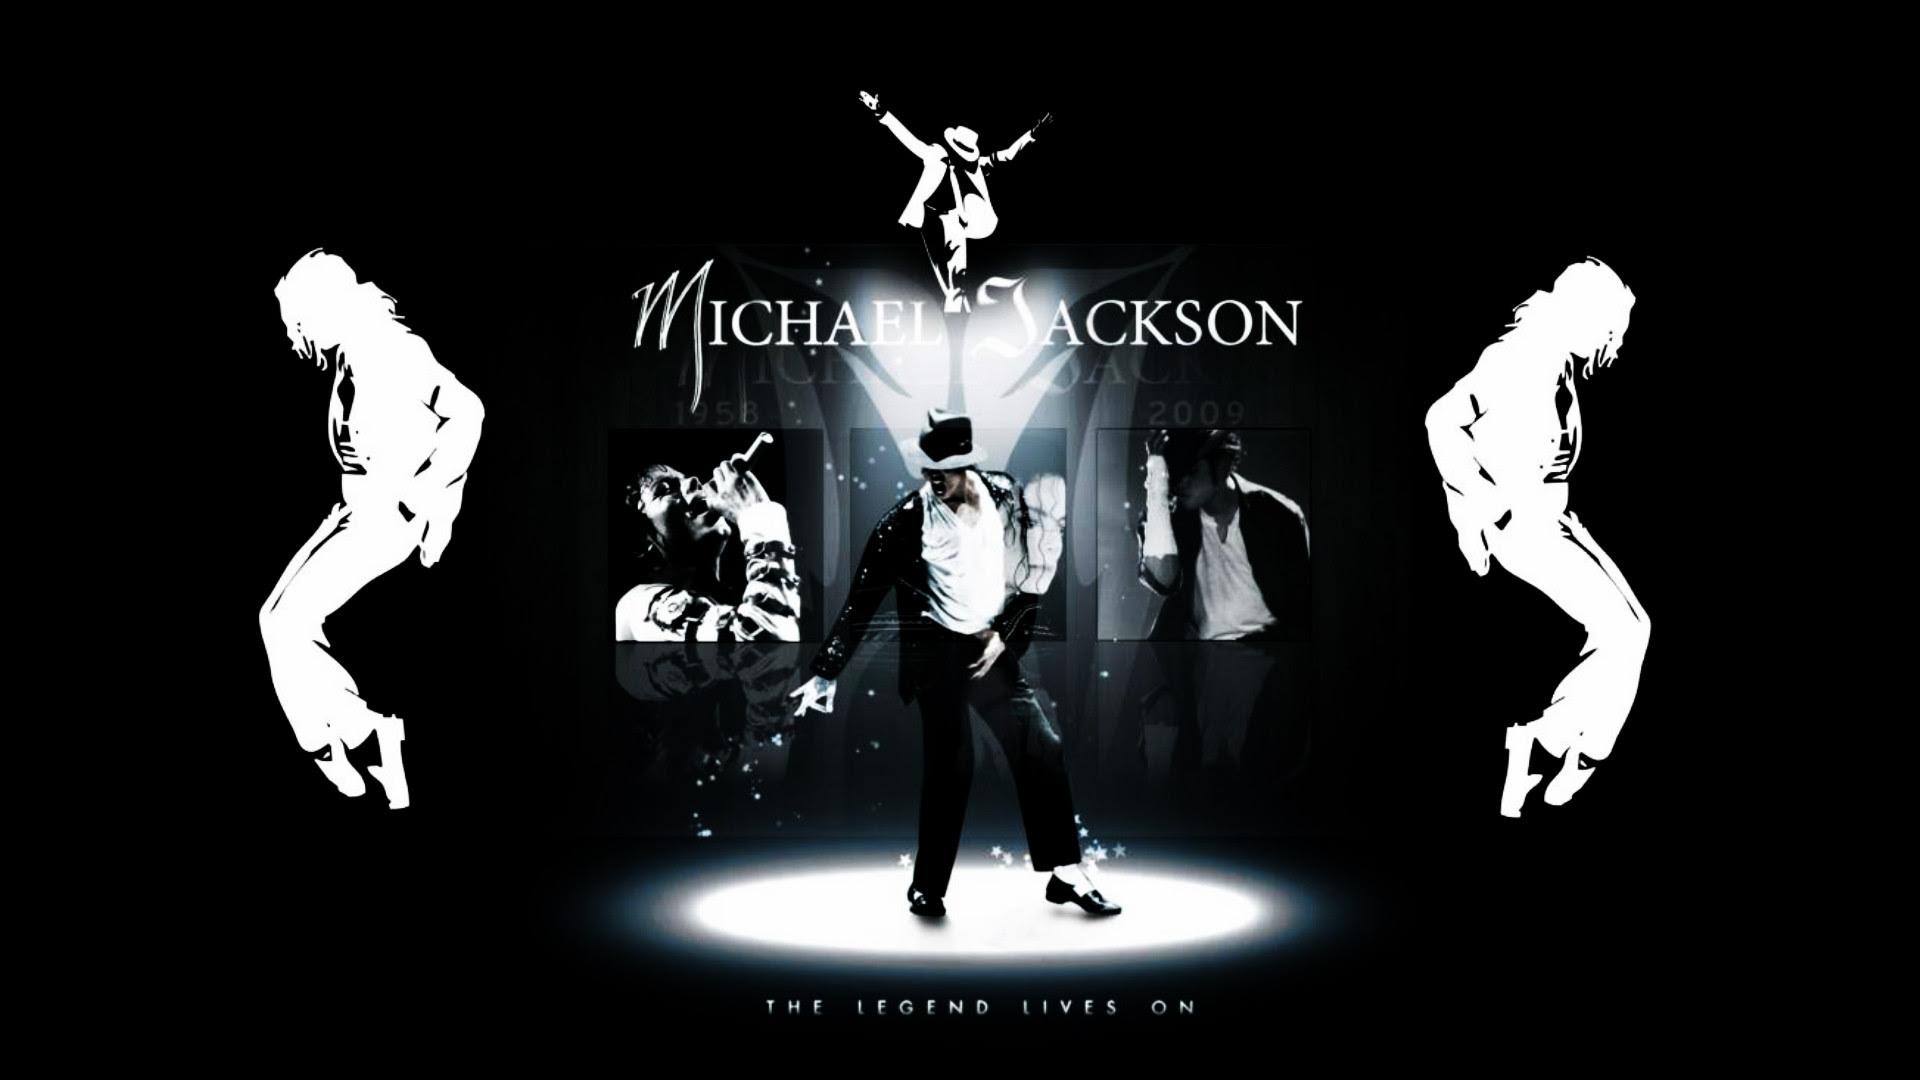 King Of Pop 2 Michael Jackson Wallpaper 18619022 Fanpop Page 7